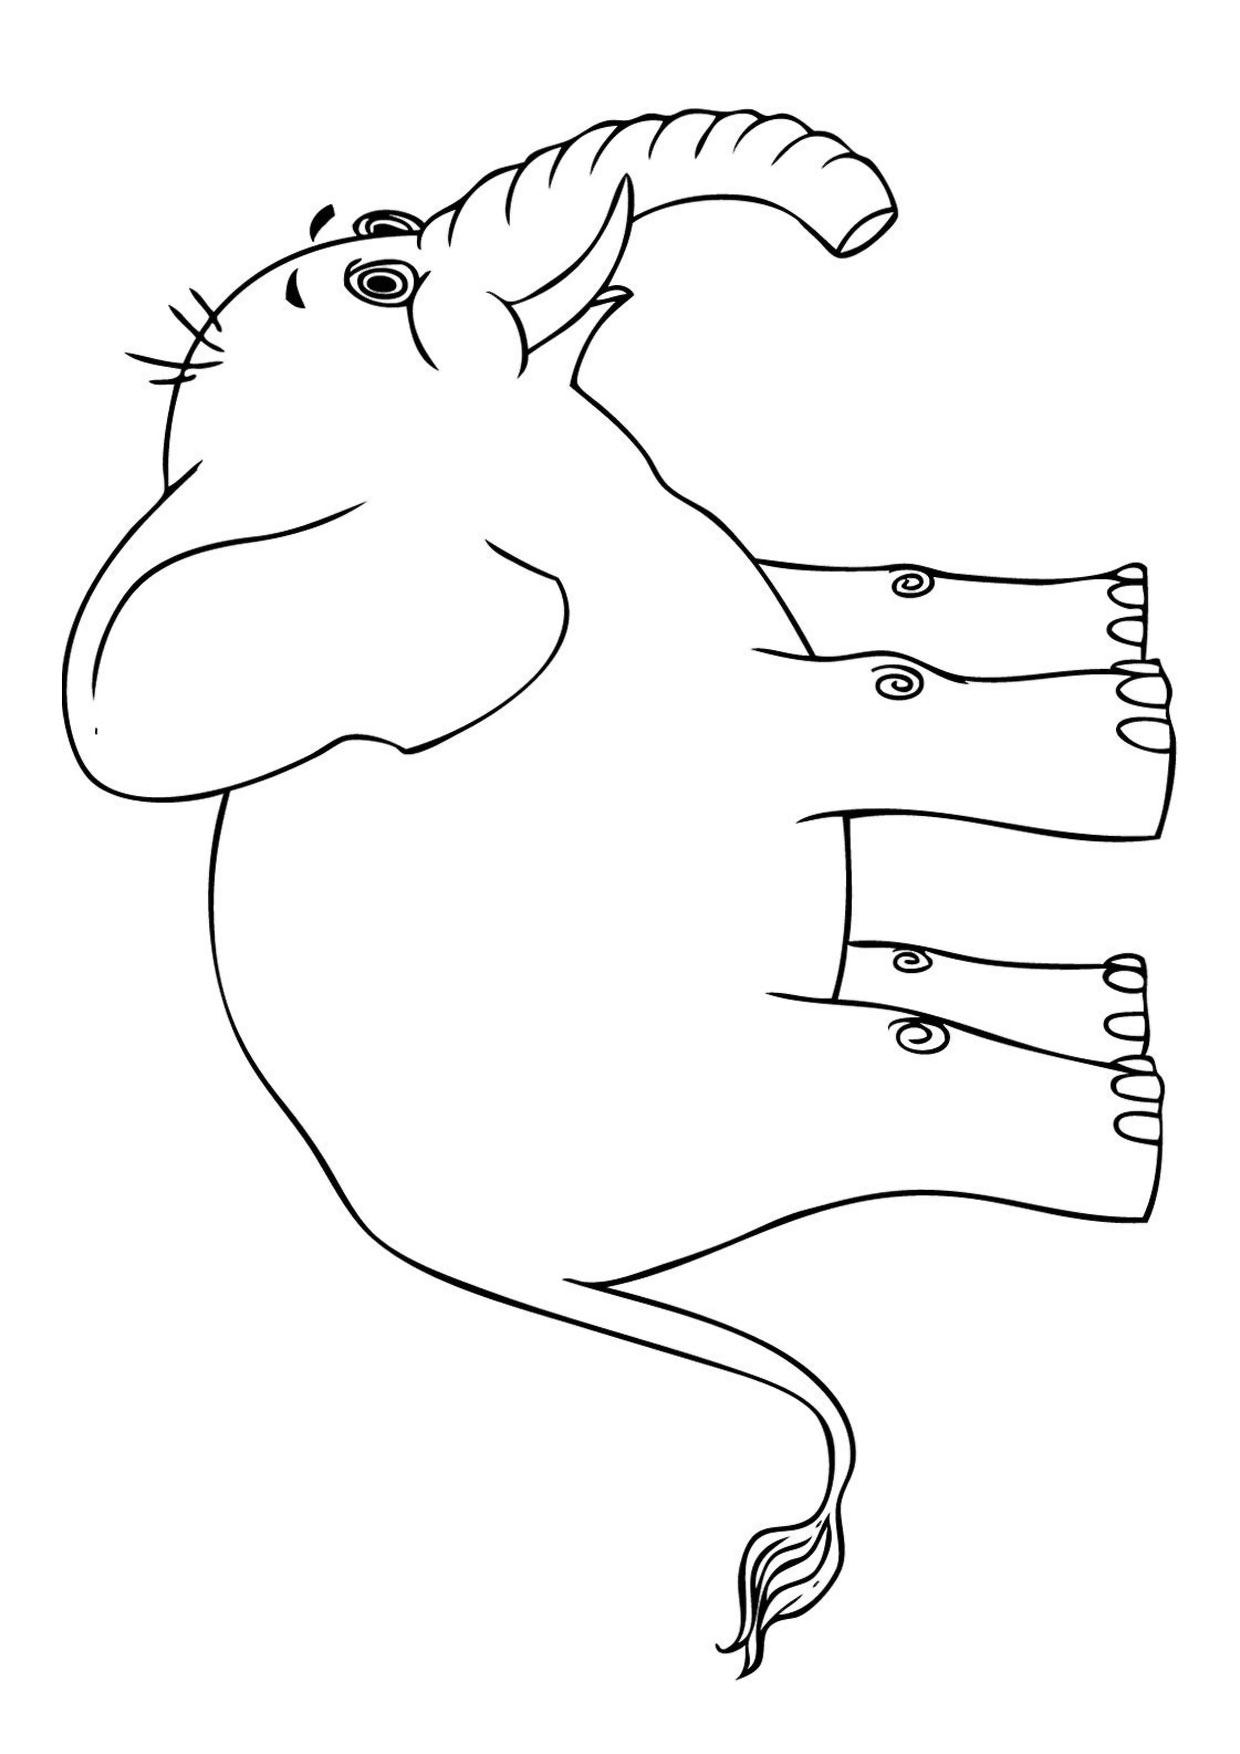 Disegno di Elefante Cartoon da colorare 07